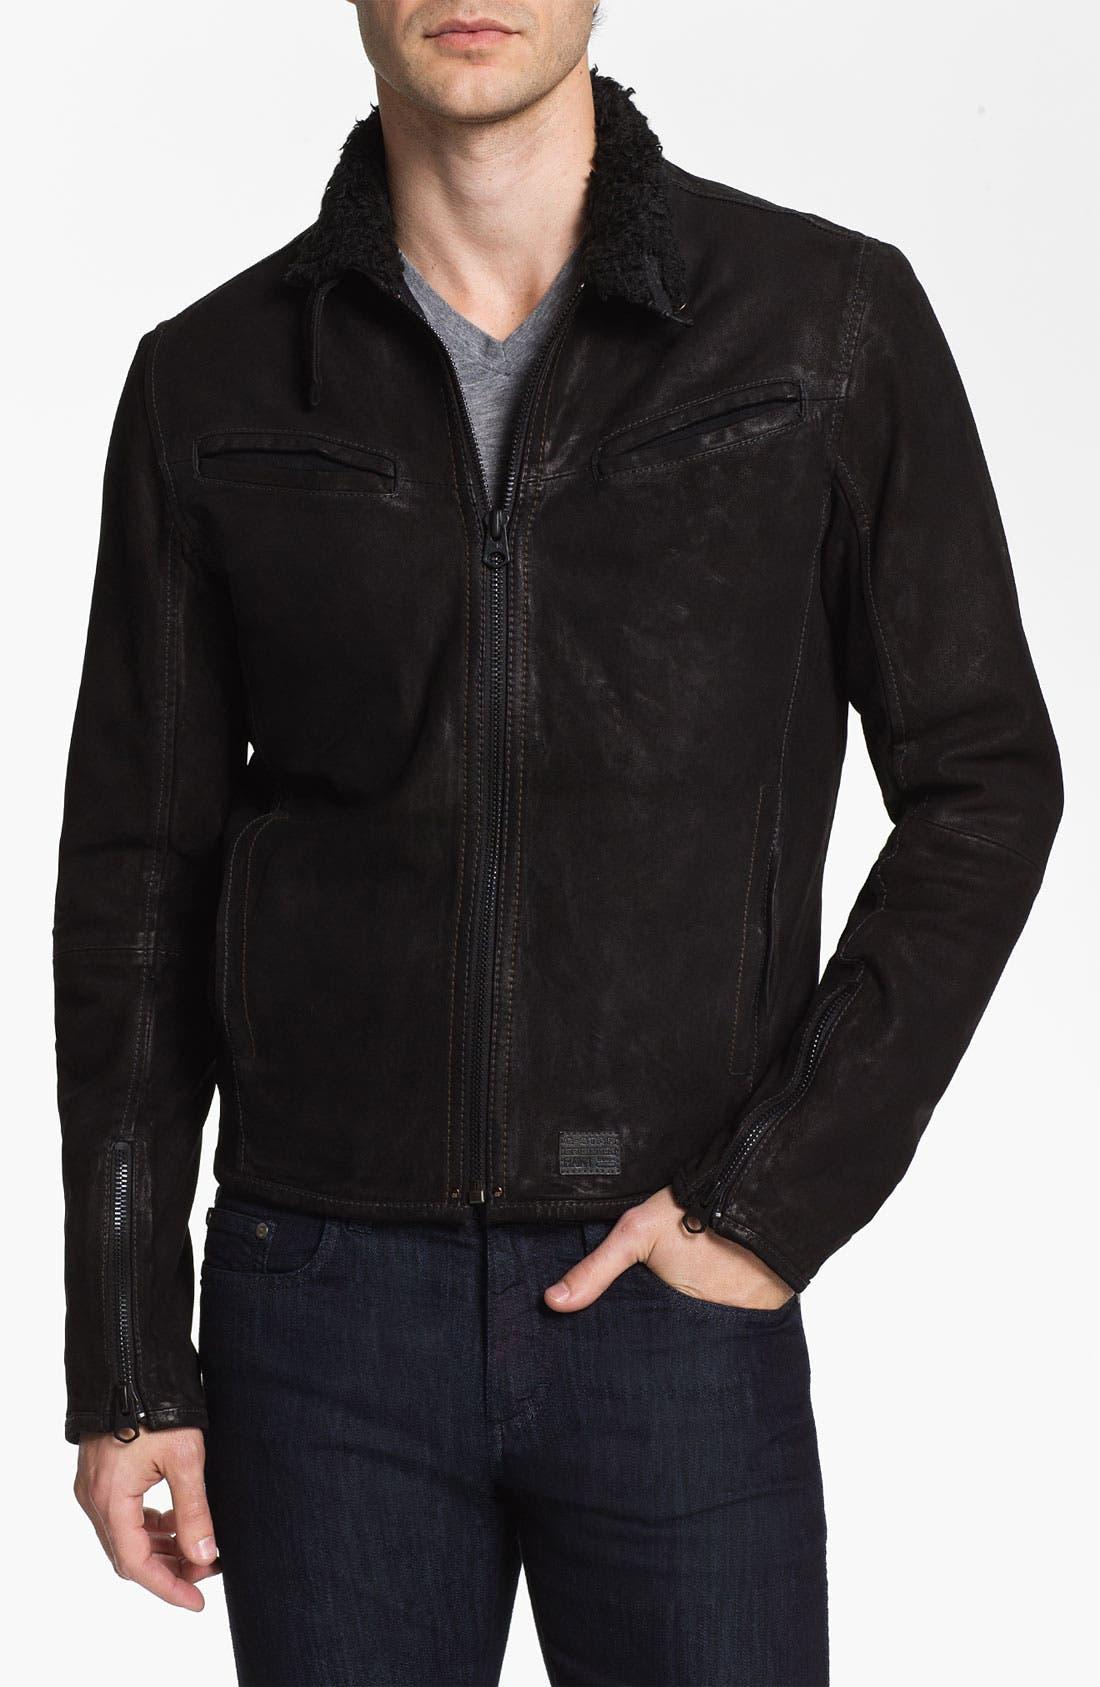 Main Image - G-Star Raw 'Saddle' Leather Jacket